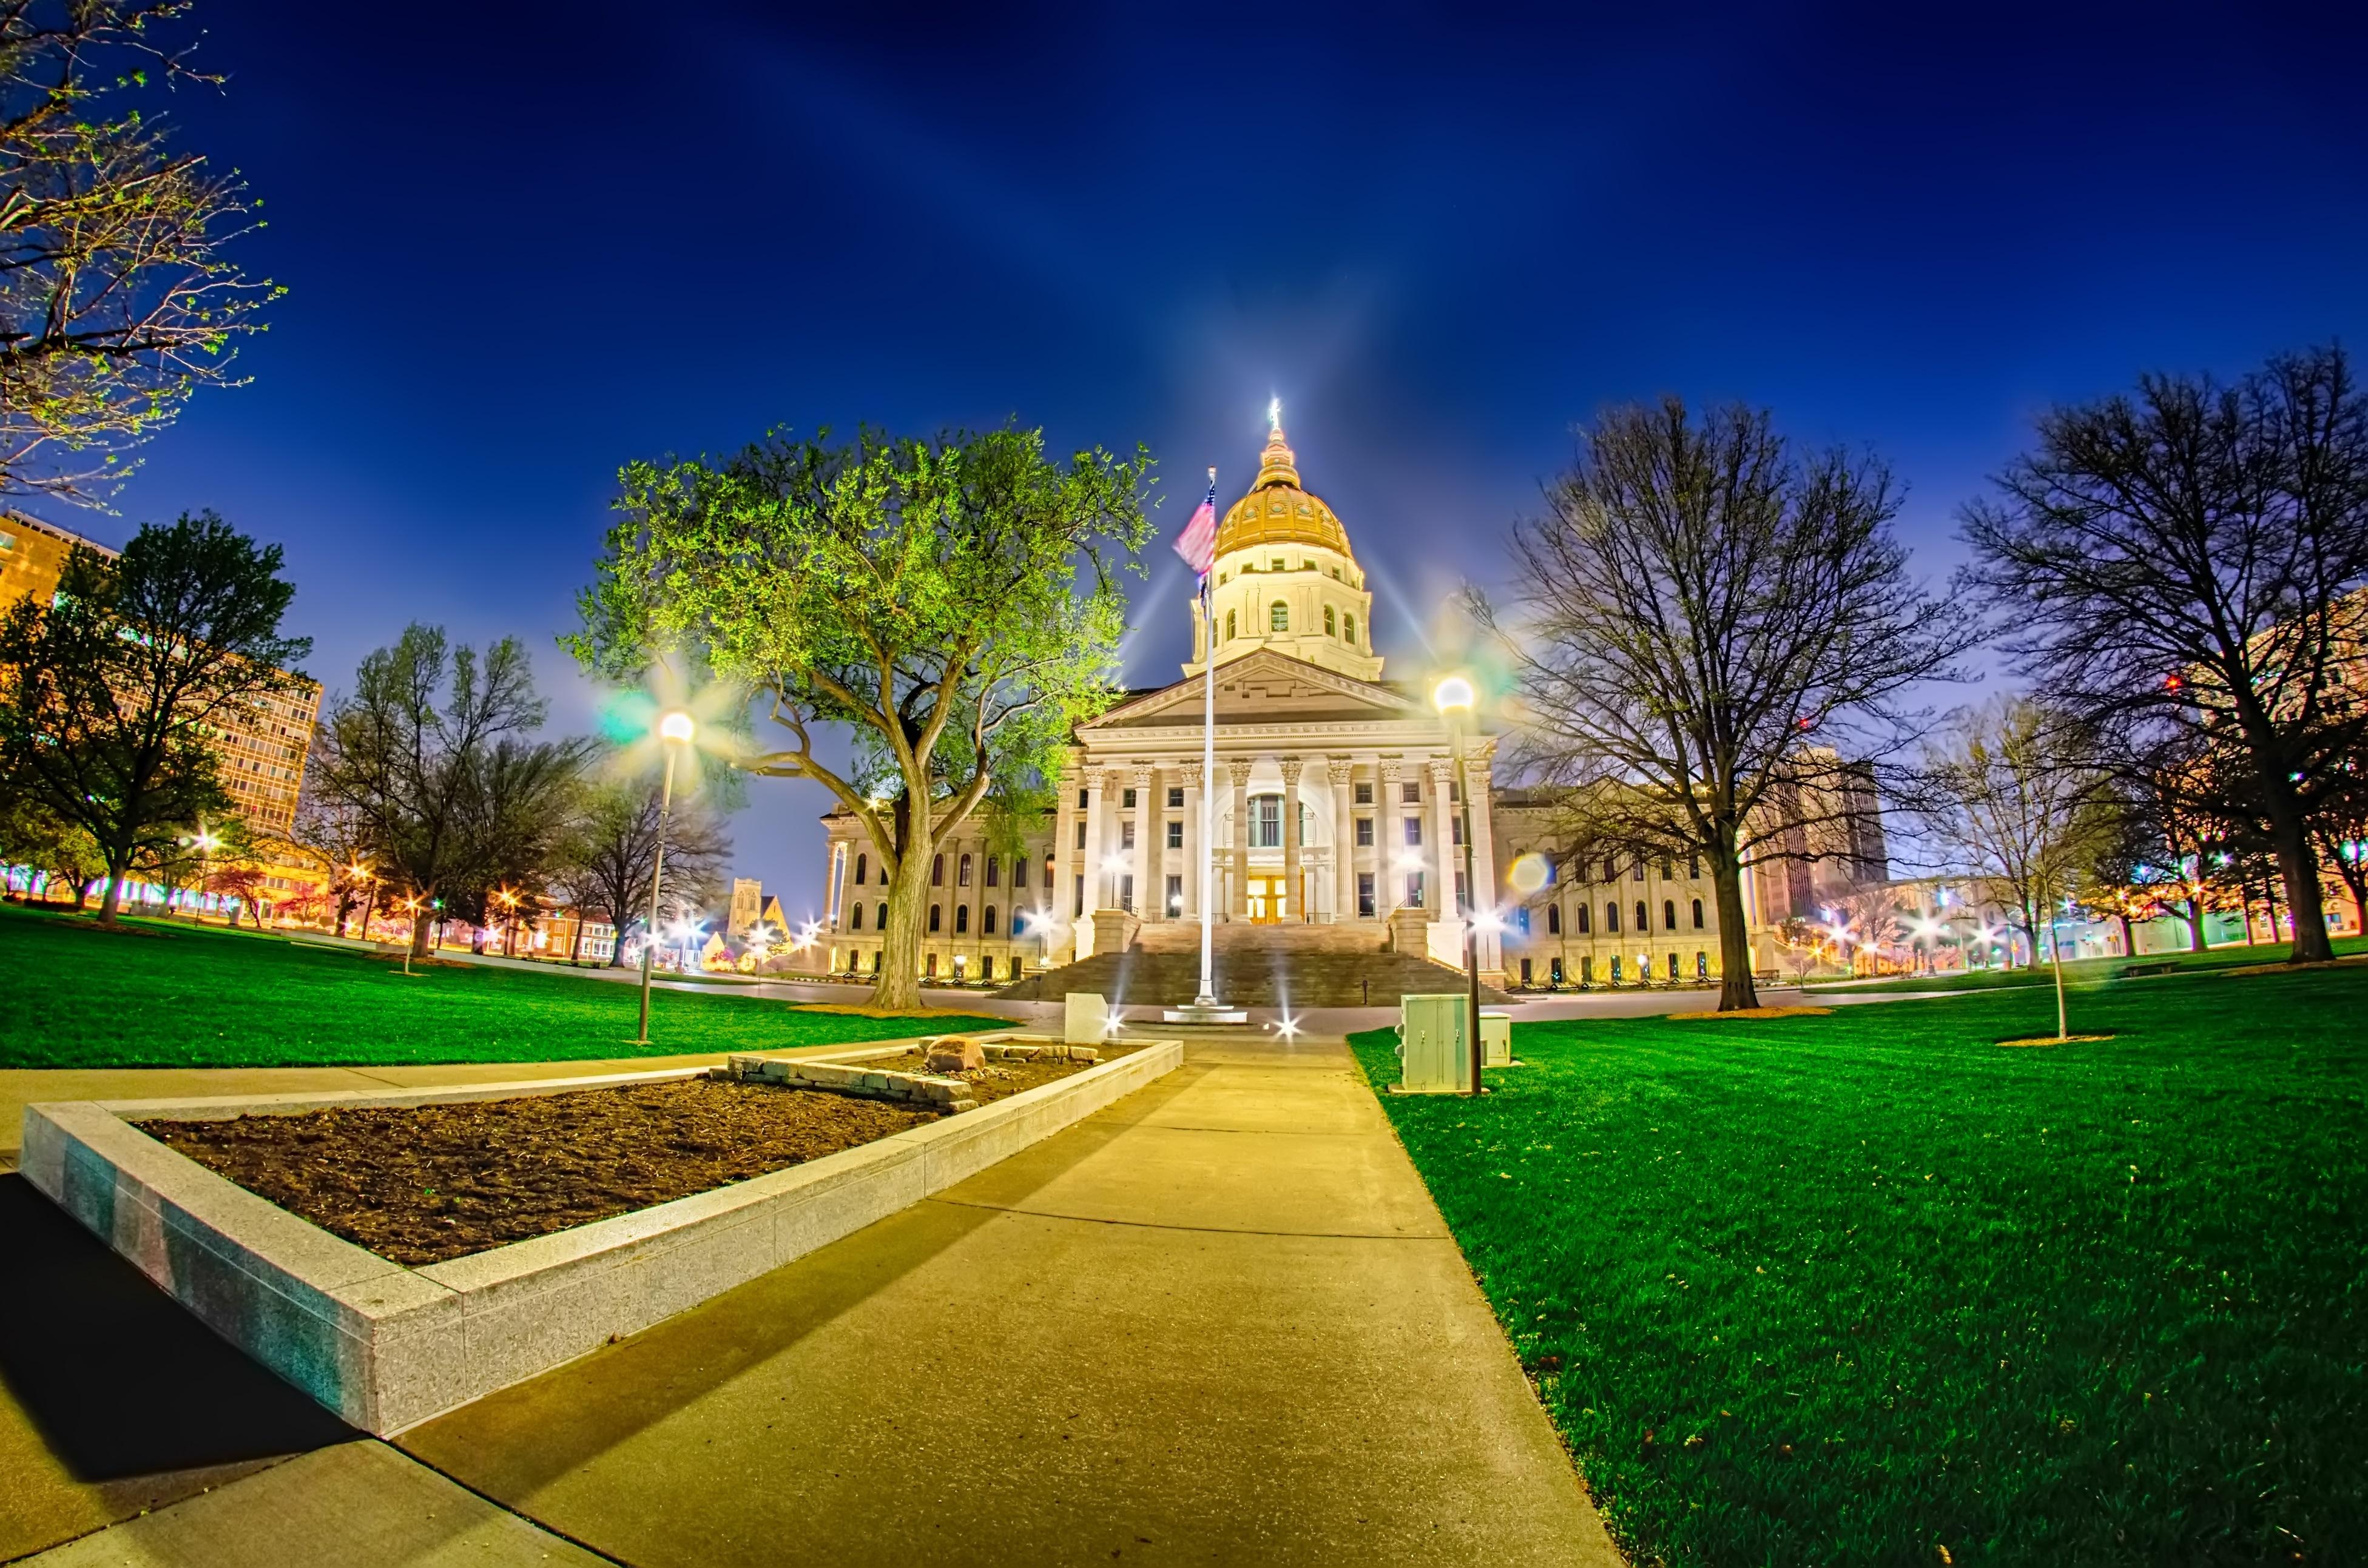 Press Release - Topeka, Kansas